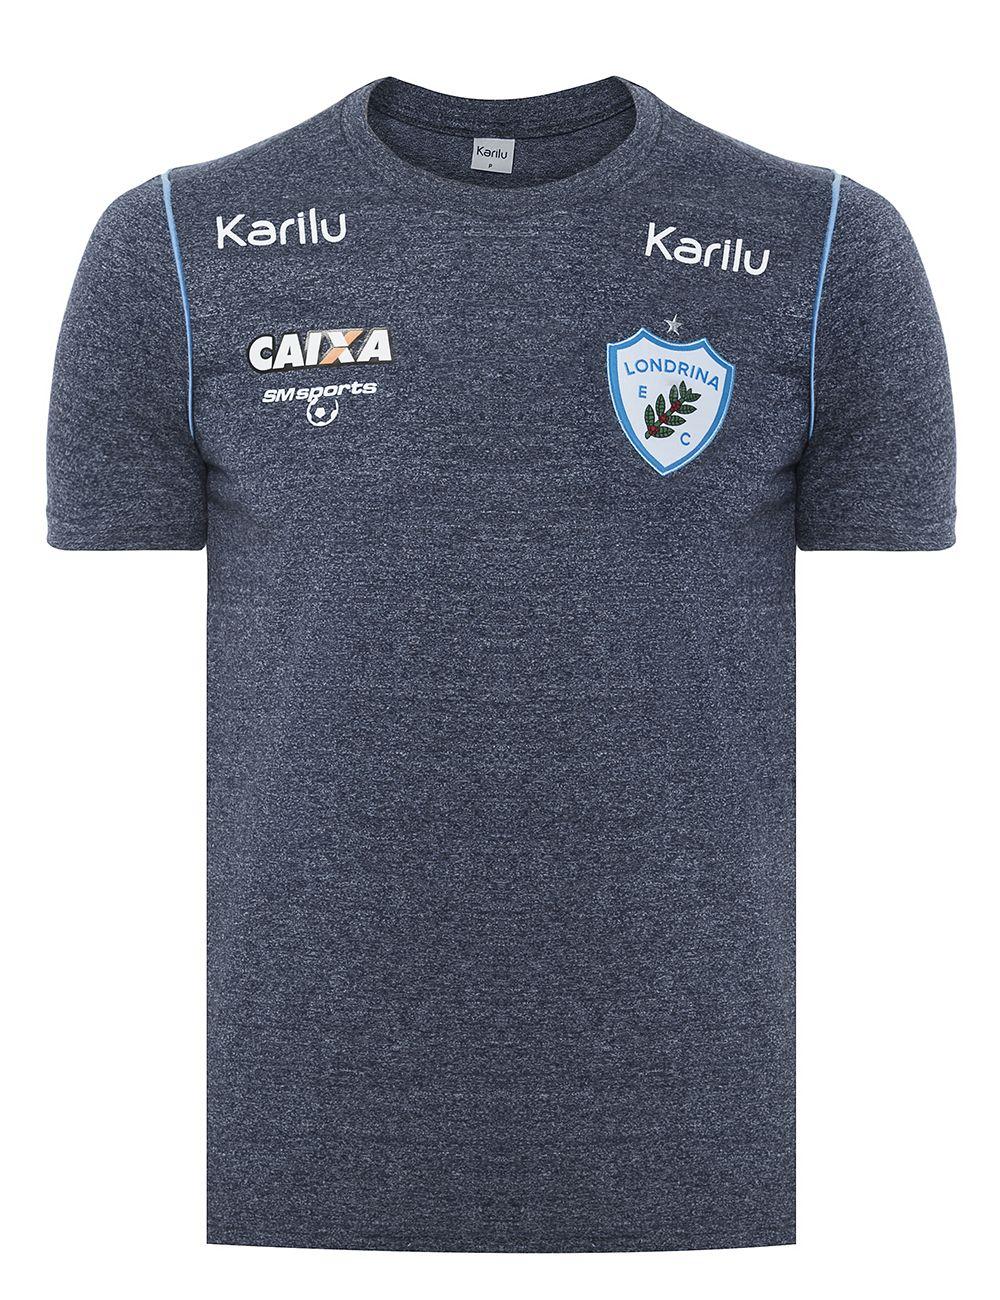 add1d08d53 Camisa de viagem Londrina 2017 - INFANTIL